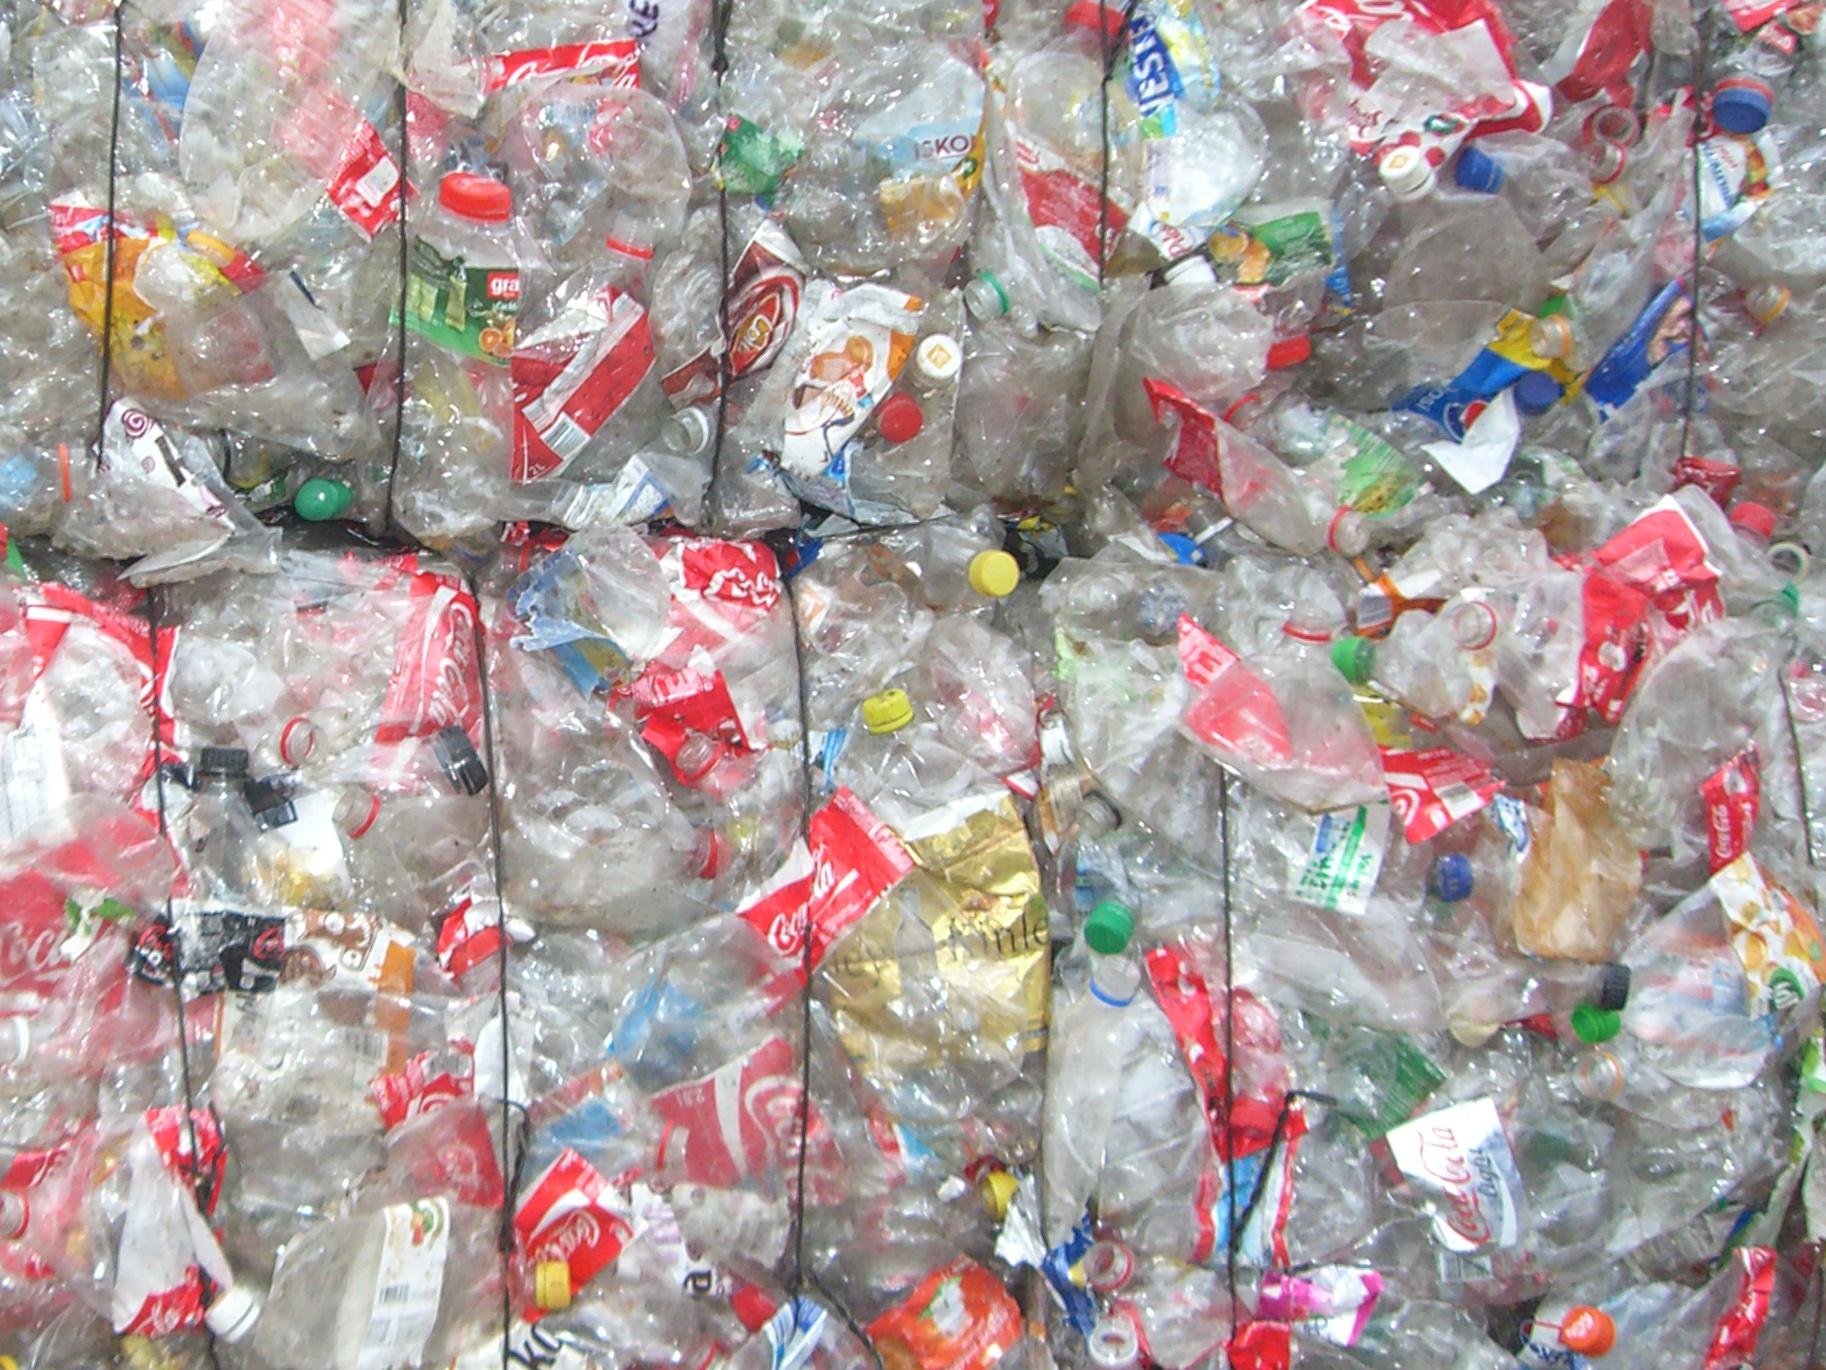 Vláda schválila novelu zákona o obalech. Zpoplatní povinně lehké plastové tašky